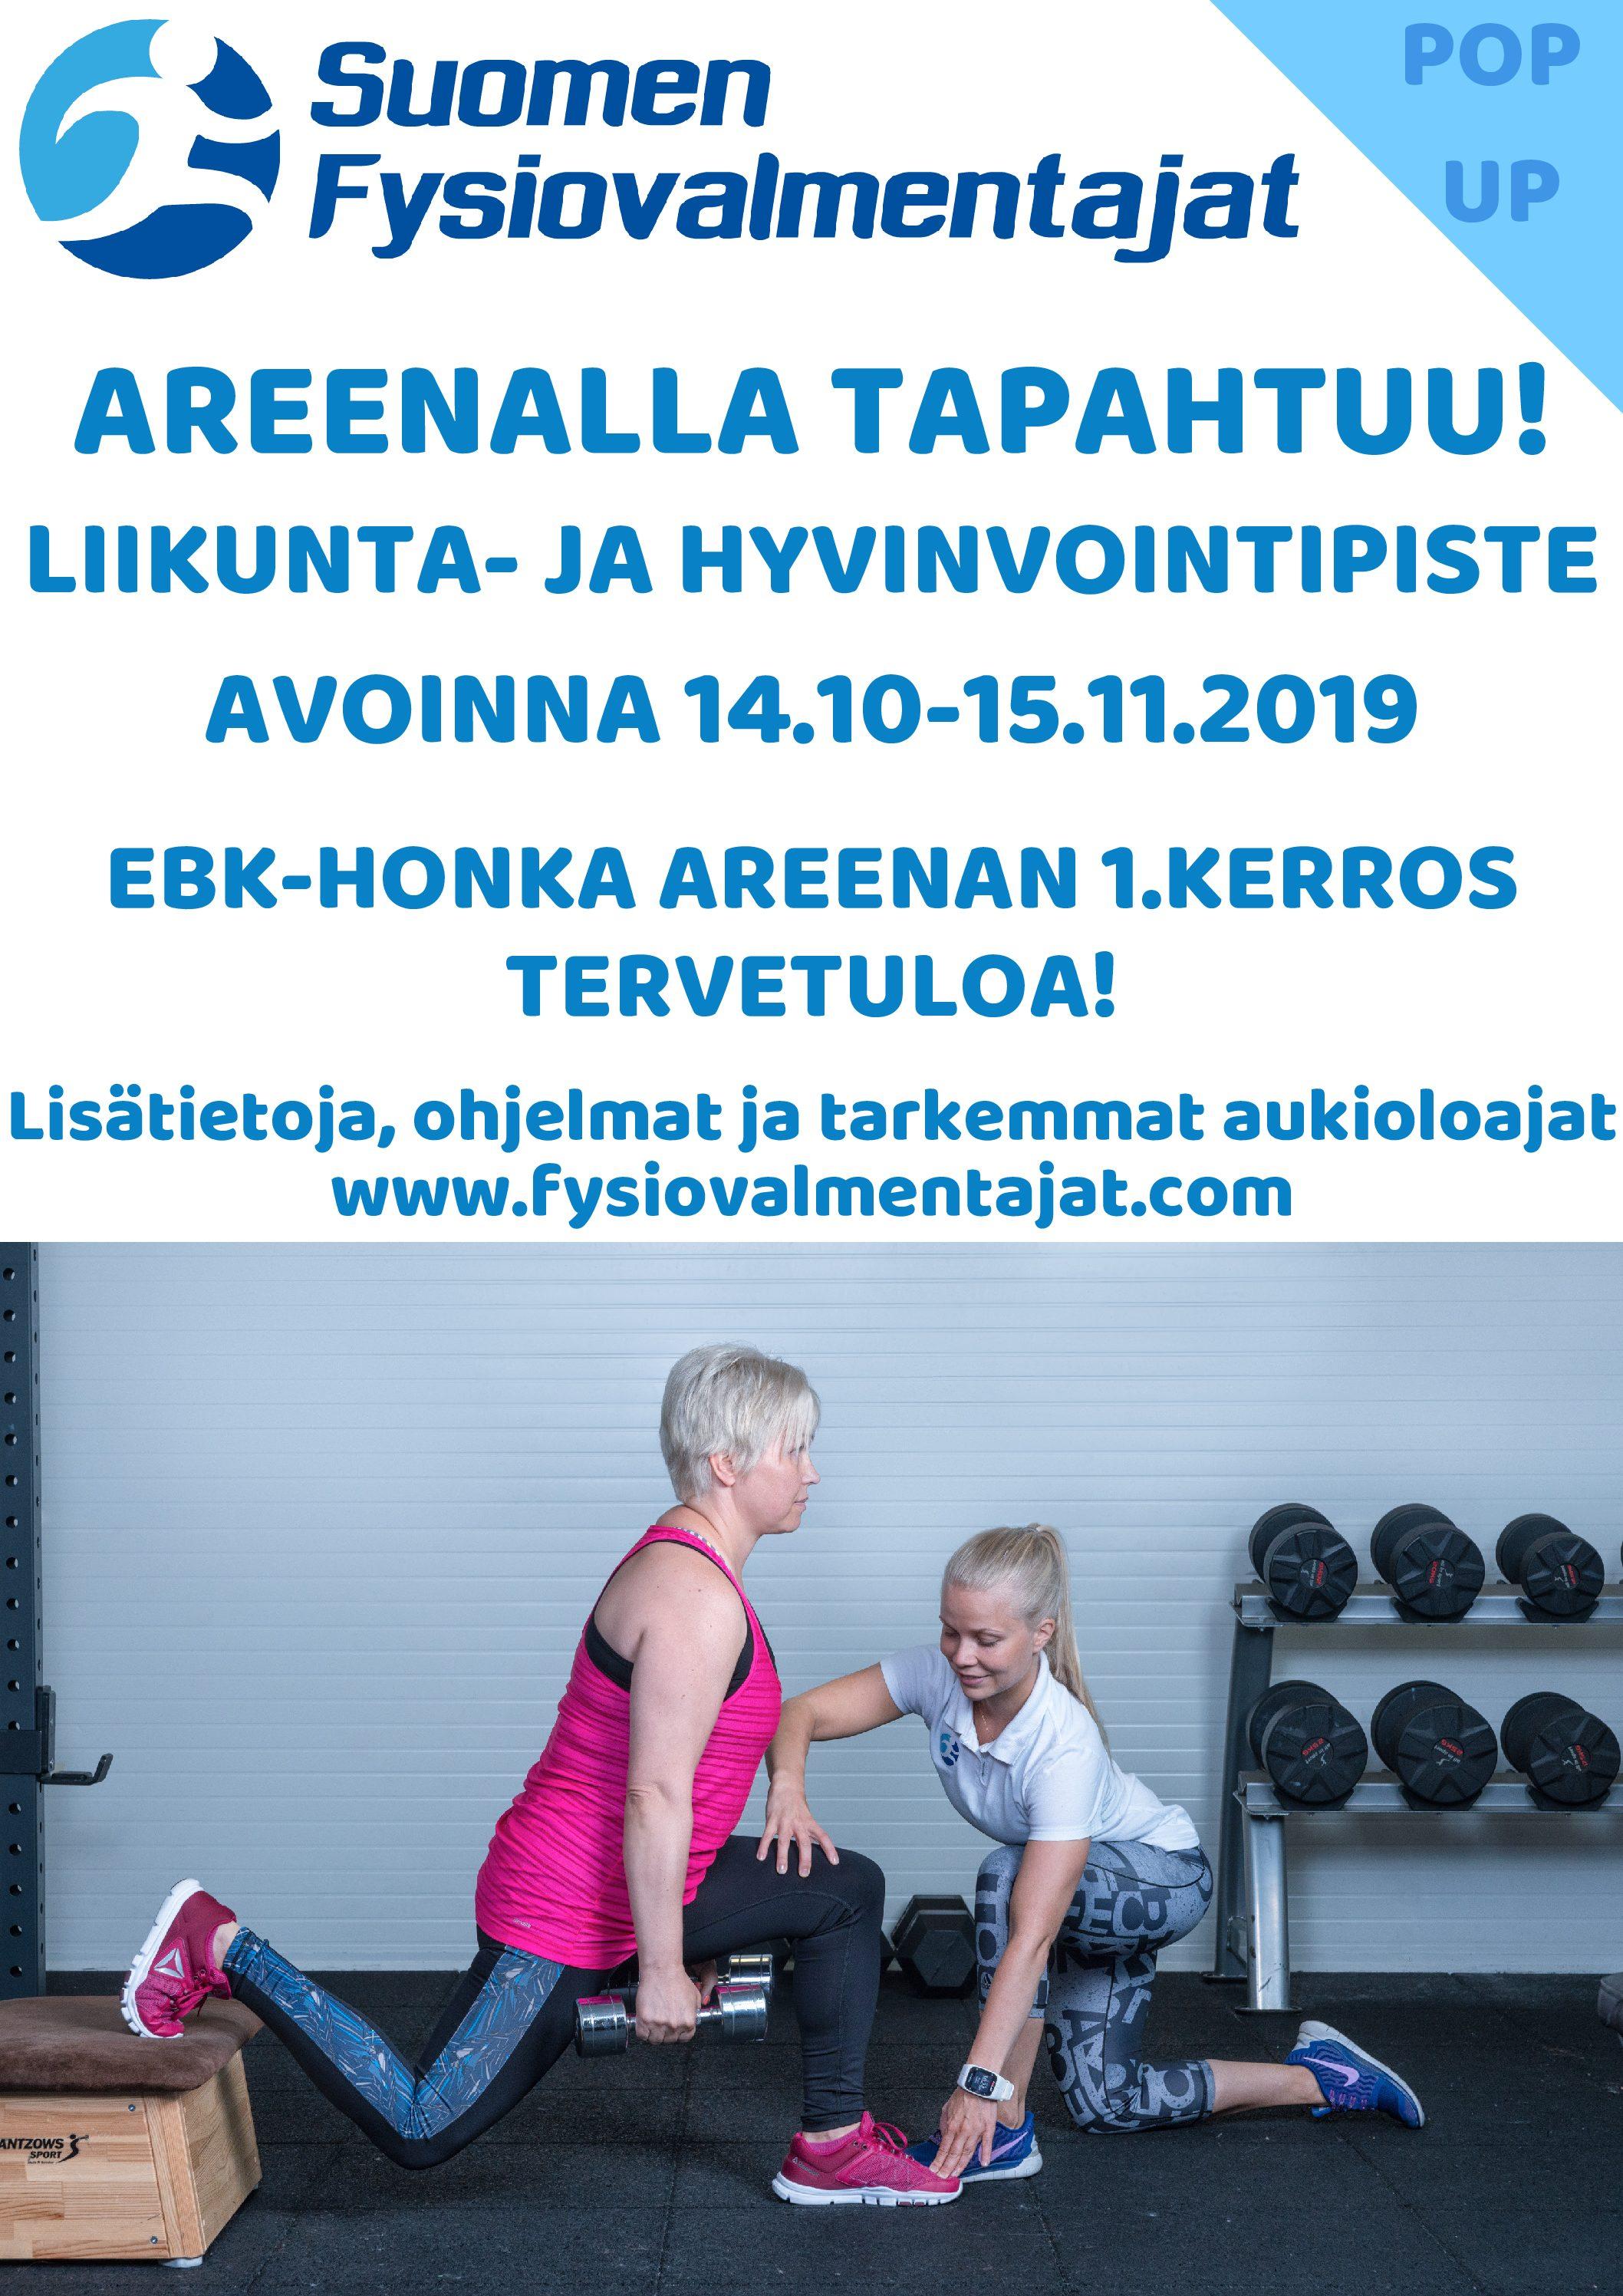 14.10 – 15.11. 2019: Pop up – Liikunta- ja hyvinvointipiste